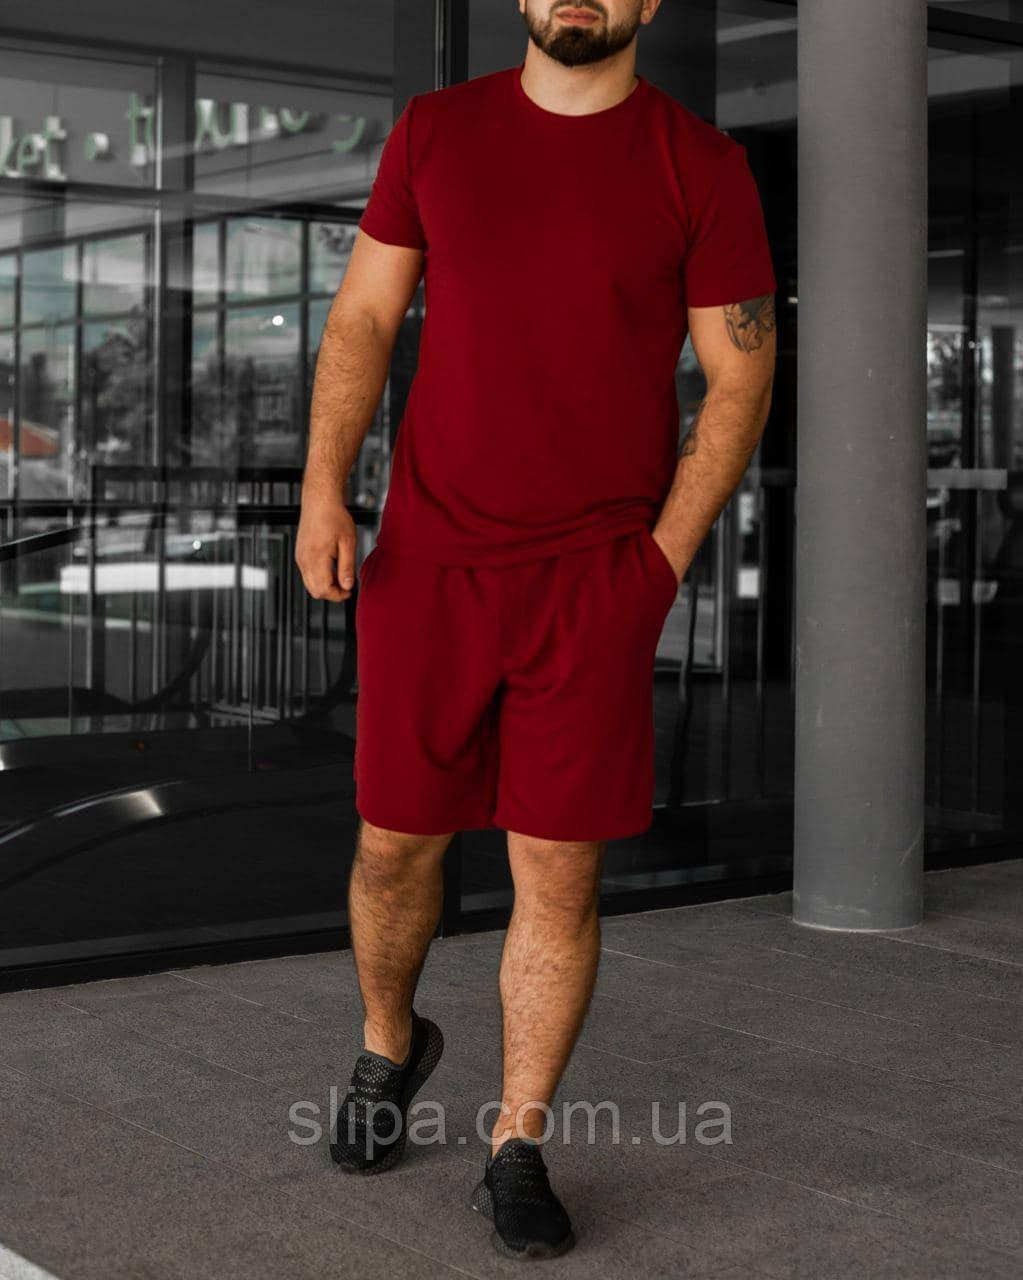 Червоний літній чоловічий комплект Basic | футболка + шорти